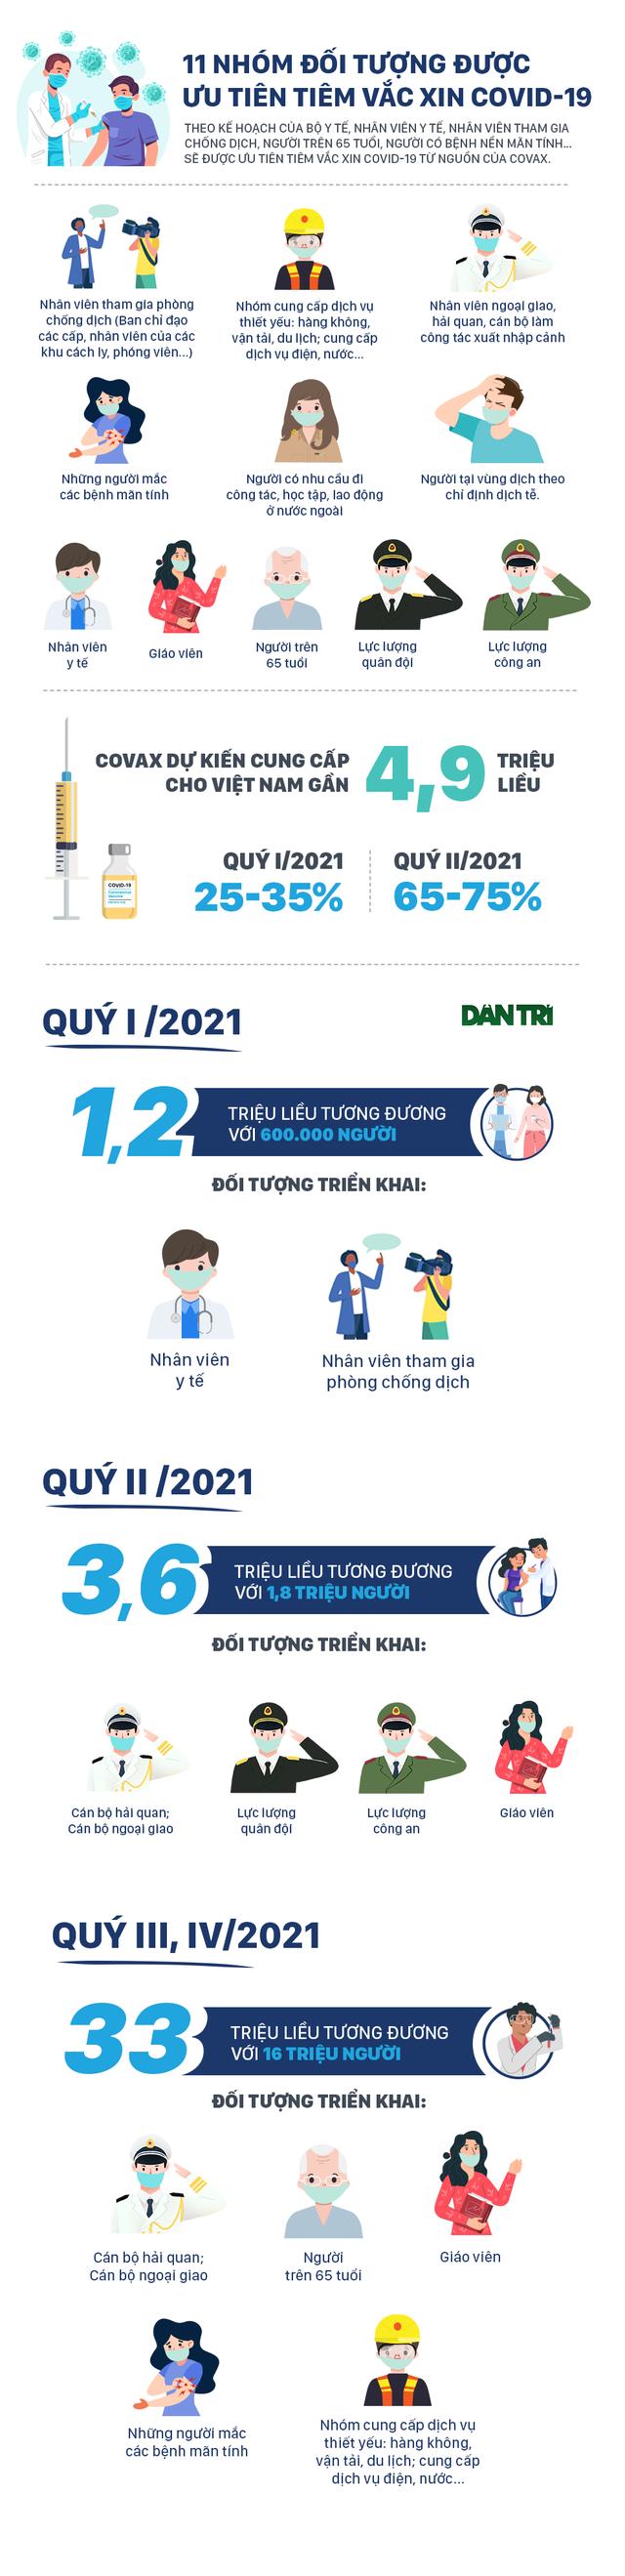 11 nhóm đối tượng được ưu tiên tiêm vắc xin Covid-19 - 1